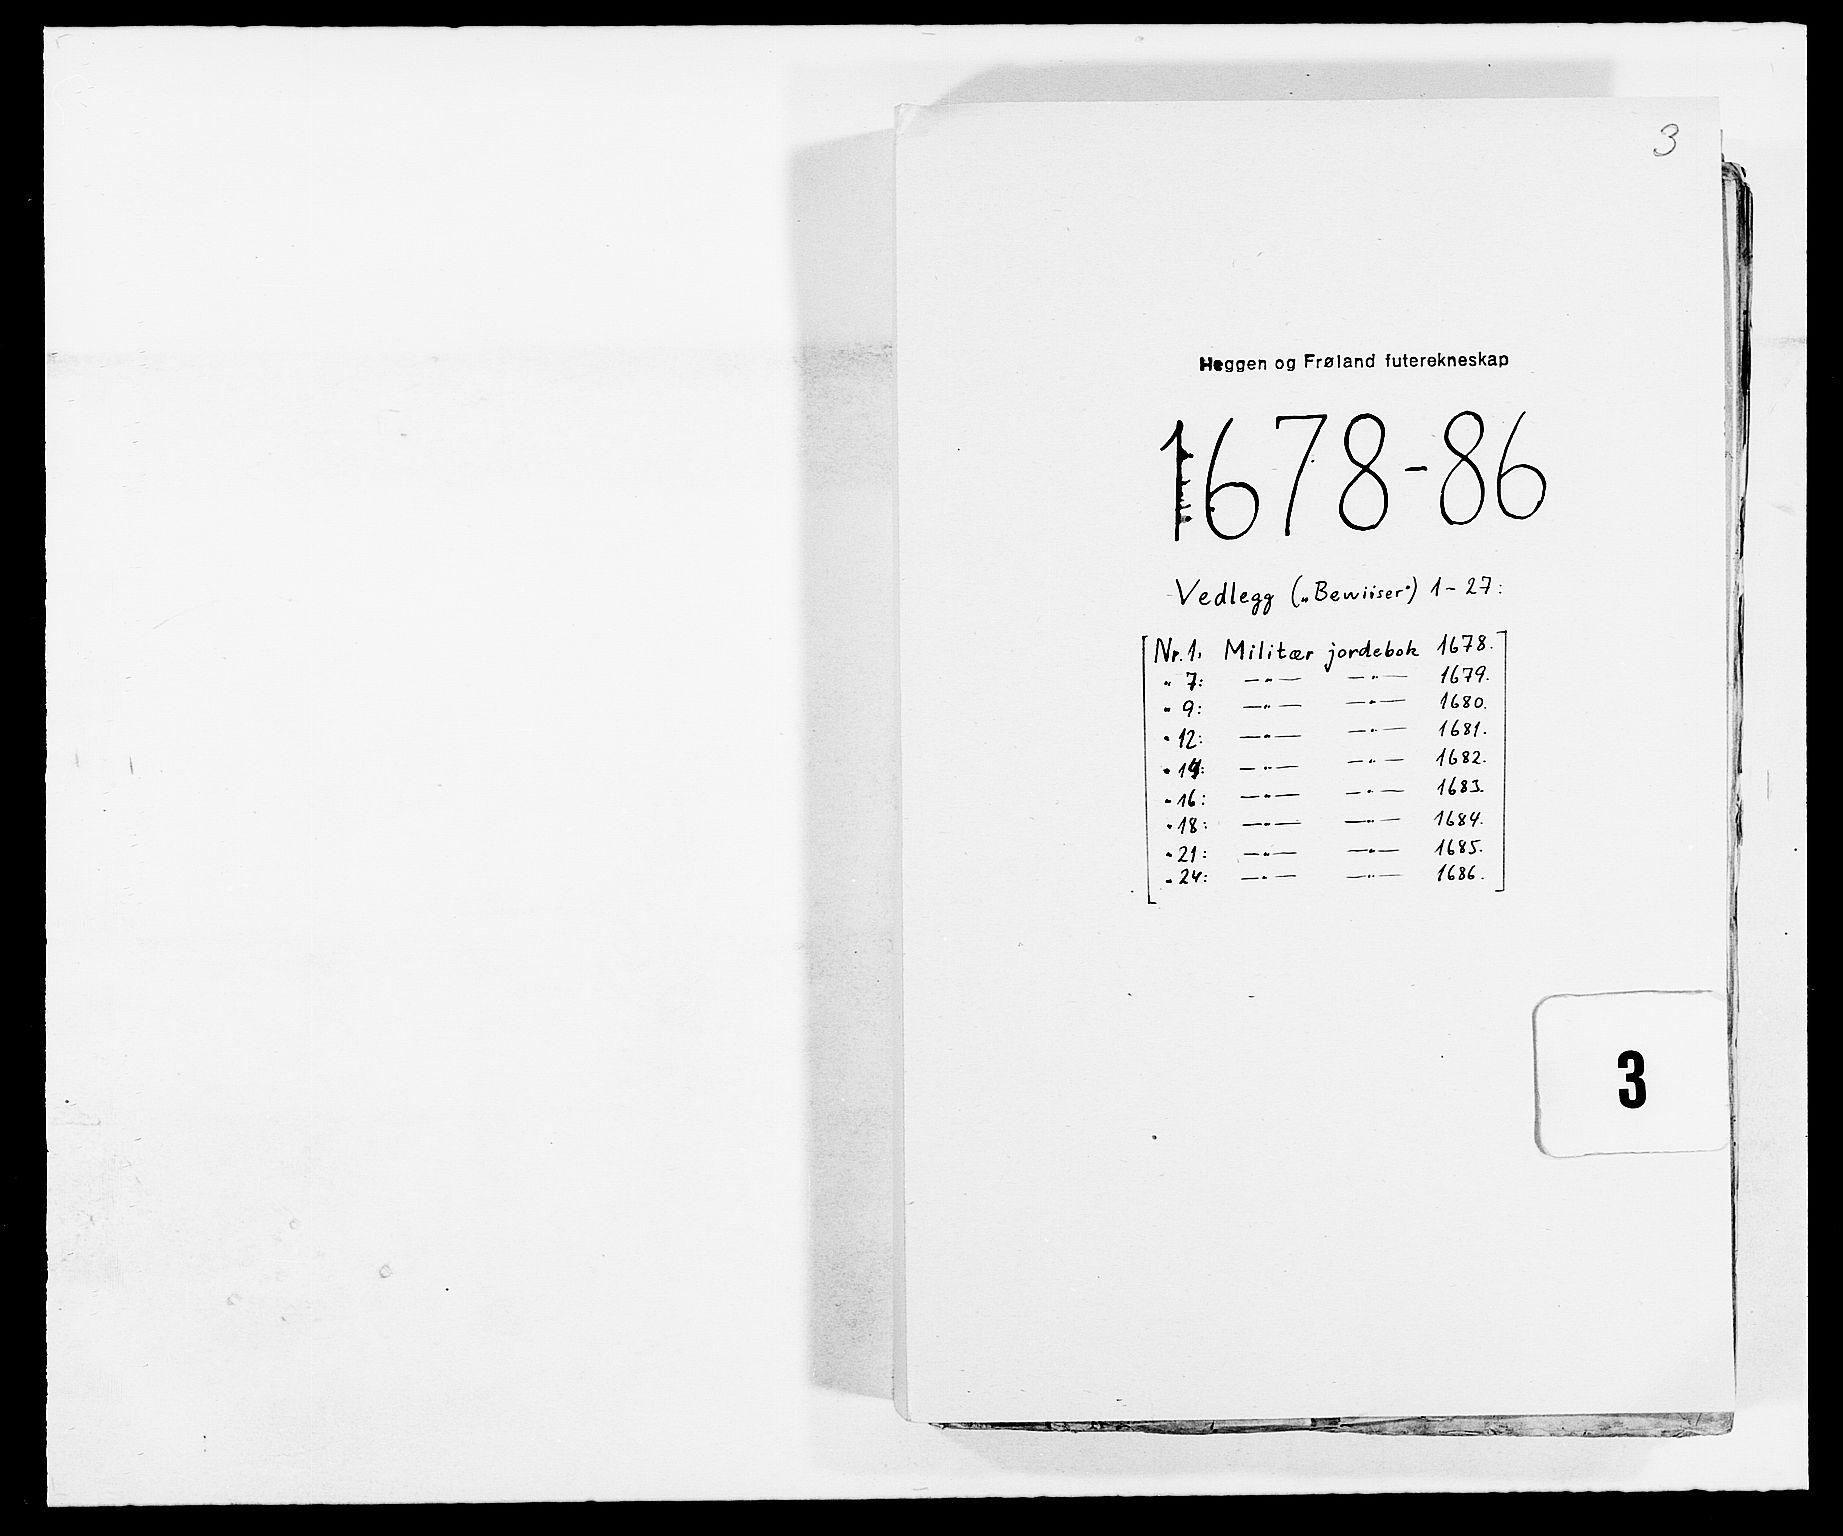 RA, Rentekammeret inntil 1814, Reviderte regnskaper, Fogderegnskap, R06/L0281: Fogderegnskap Heggen og Frøland, 1678-1686, s. 121